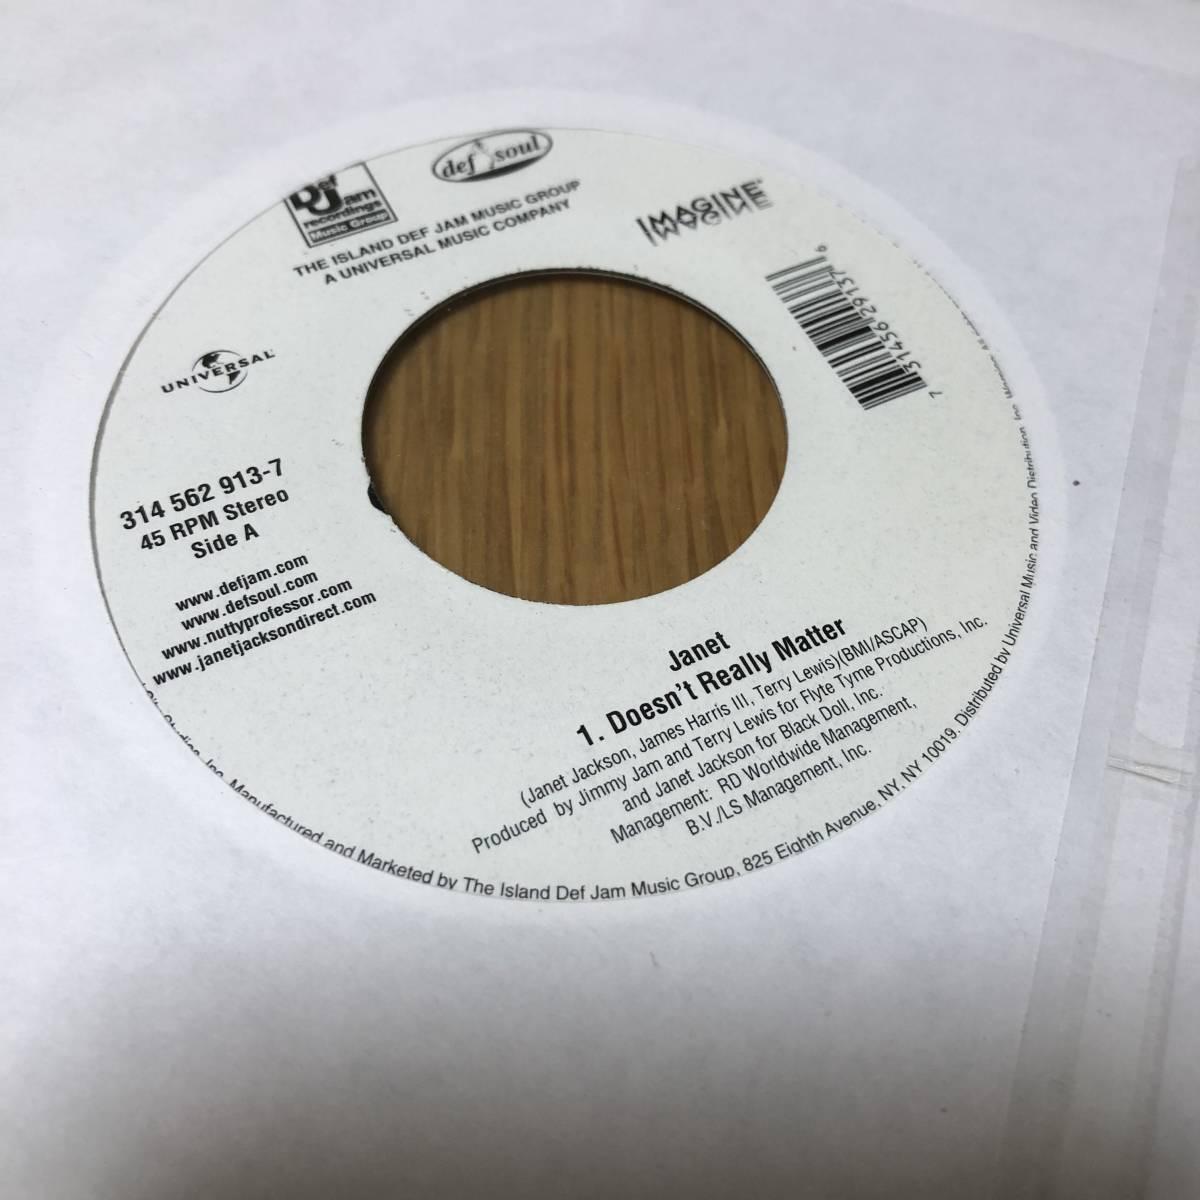 【レコード】 JANET JACKSON / Doesn't Really Matter 7インチ ジャネット・ジャクソン 新品未開封 【アナログ】_画像3